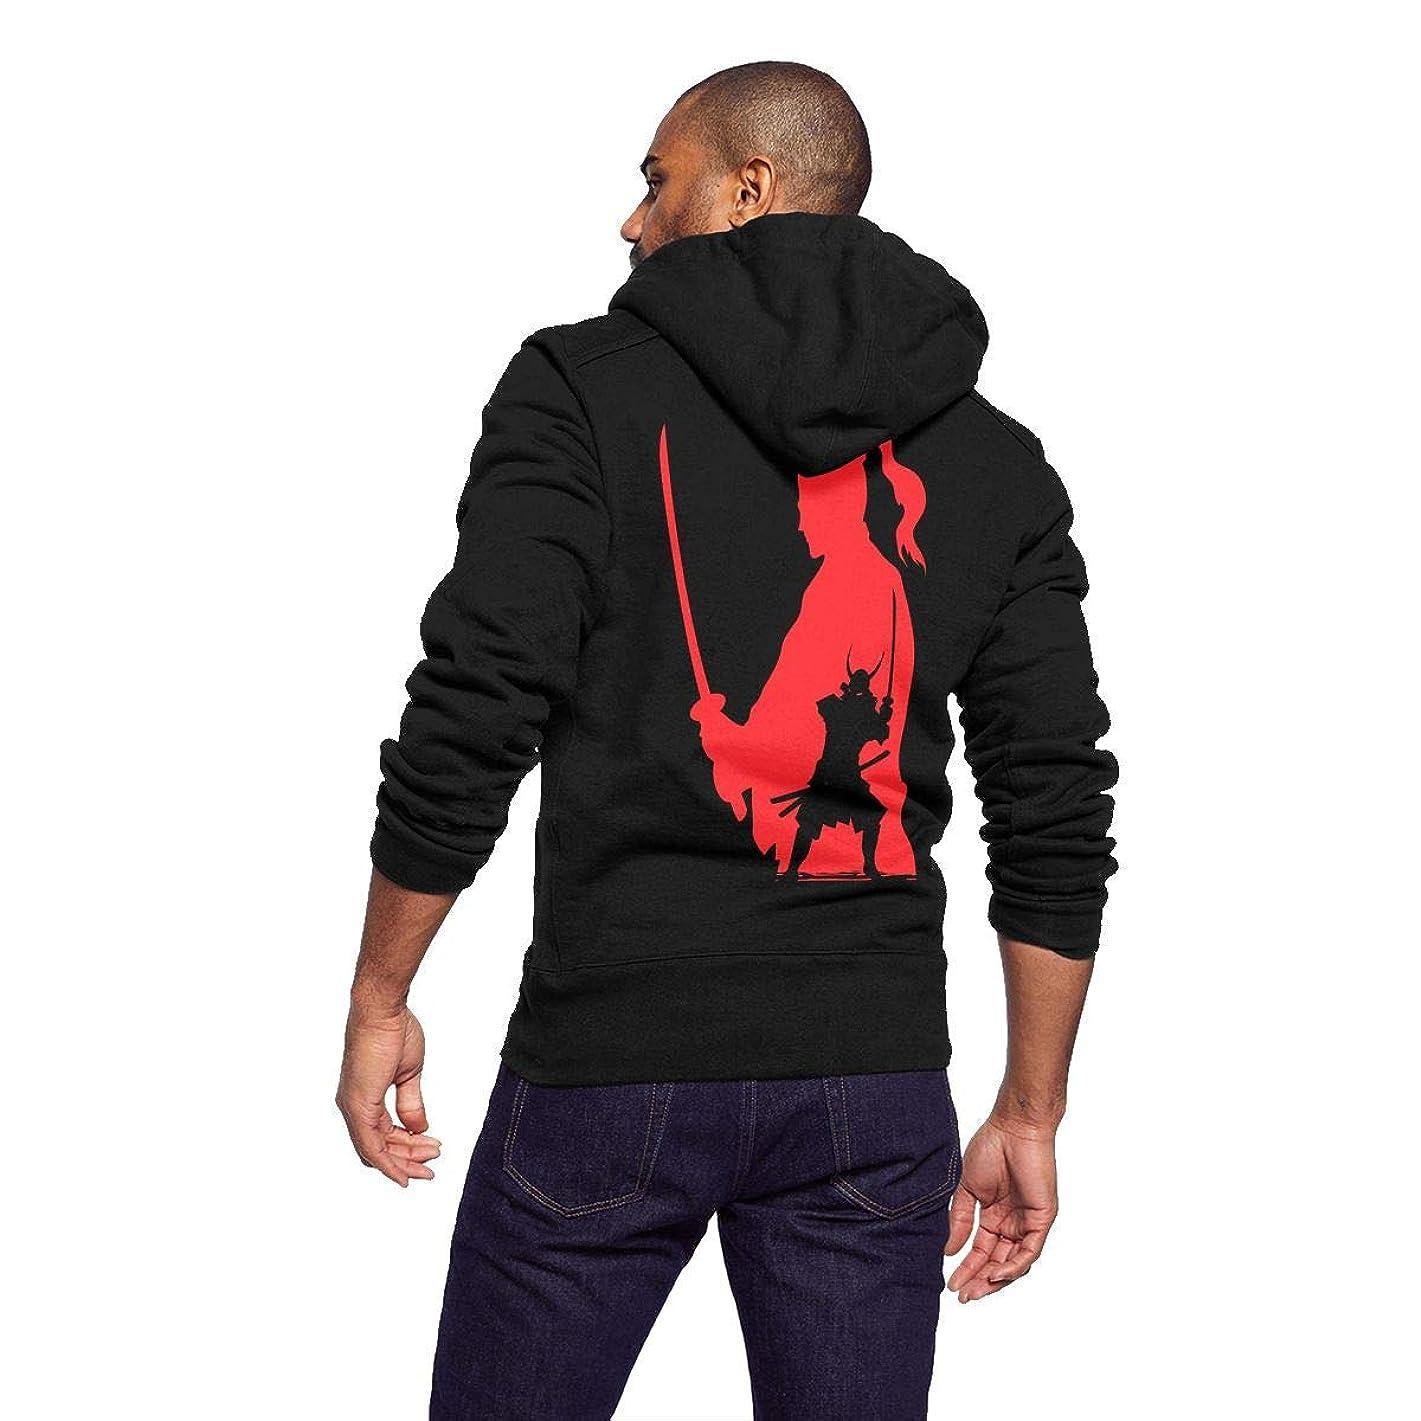 Hipster Style Hoodie Full Zip Hoodies for Men Lightweight, Fleece Sweatshirt Pullover Graphic Jacket